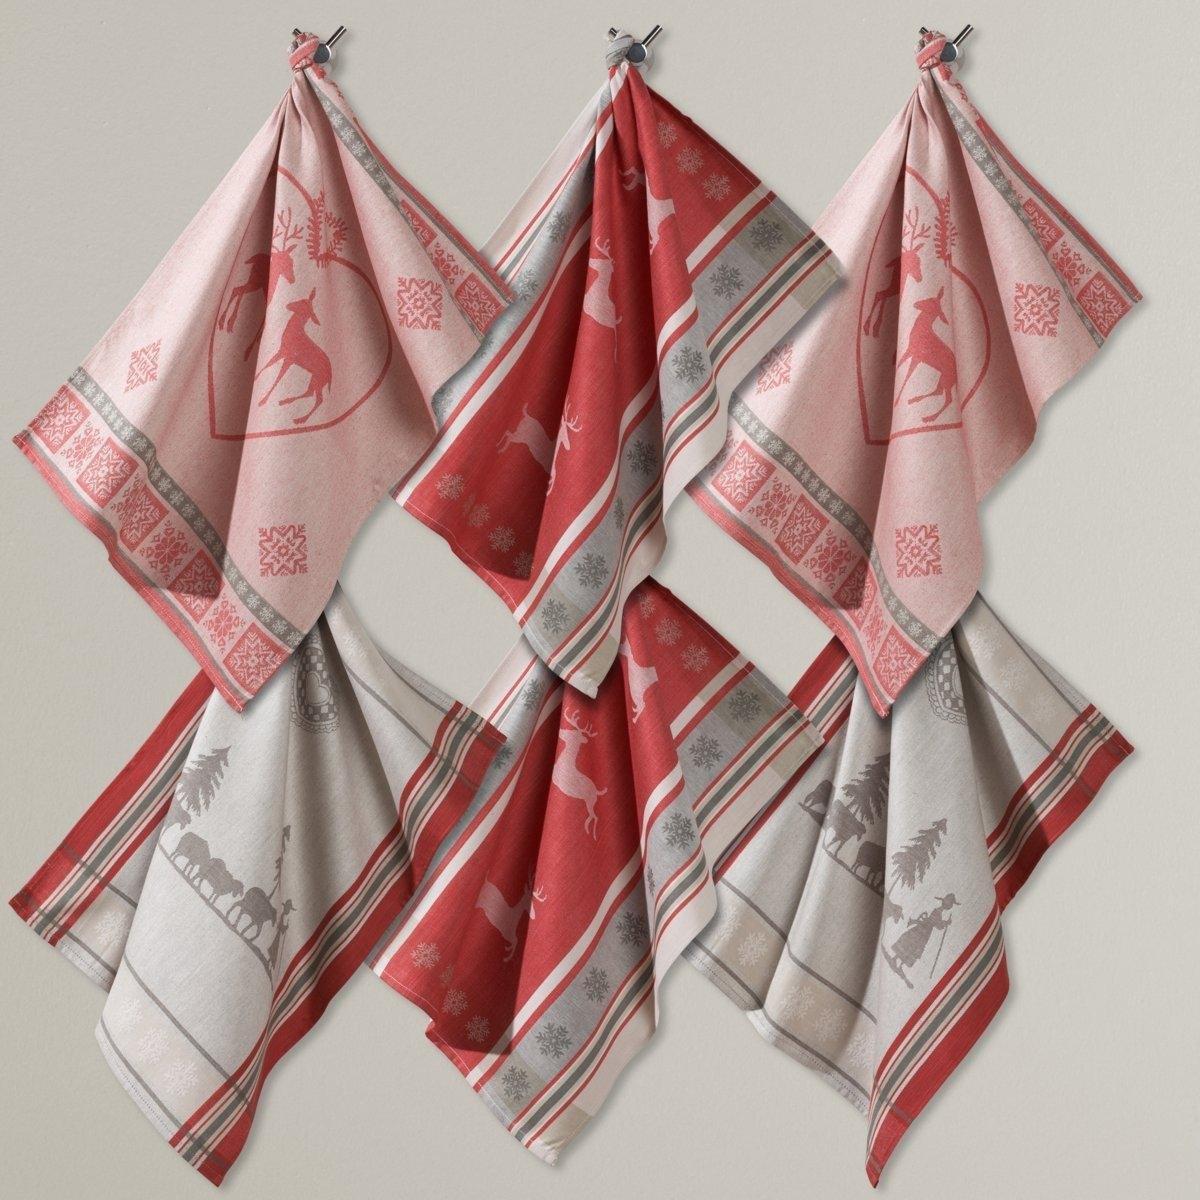 Комплект из 6 кухонных полотенец из жаккардовой ткани, 100% хлопок полотенца кухонные la pastel комплект кухонных полотенец gabel 6пр 50x70 primizie